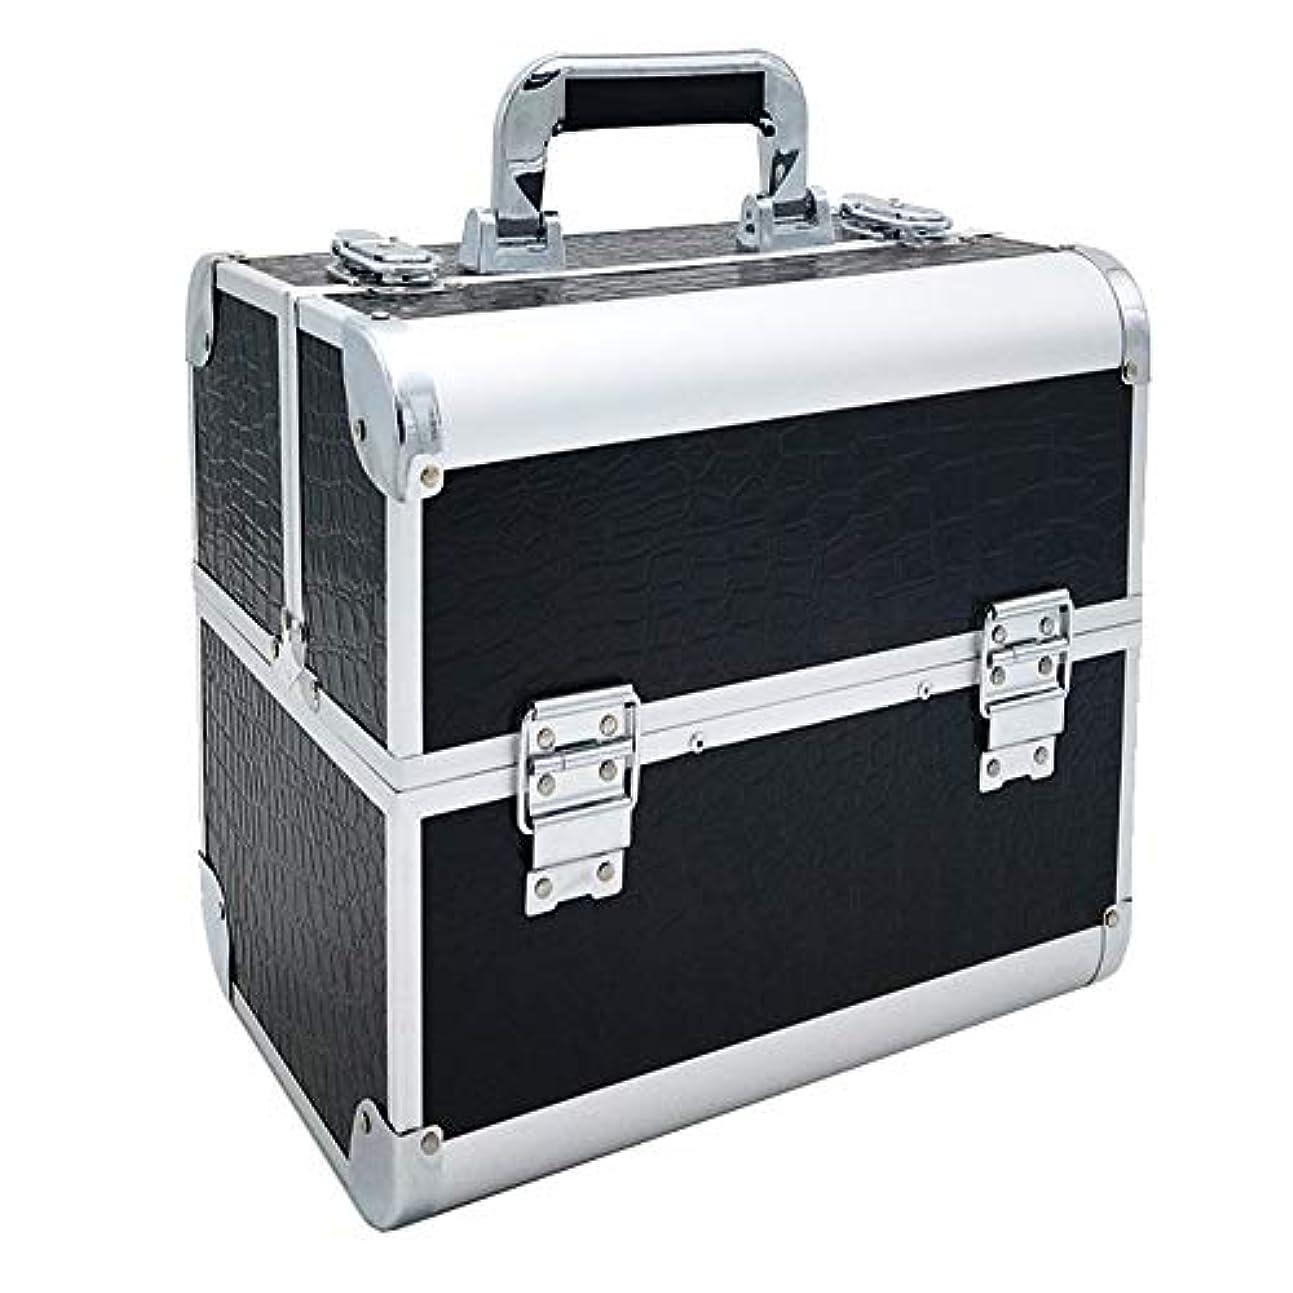 統計的エントリ警告特大スペース収納ビューティーボックス 調節可能なディバイダーが付いている構造の電車箱の専門の化粧品カセット4つの皿および2つのロック黒、ピンク任意。 化粧品化粧台